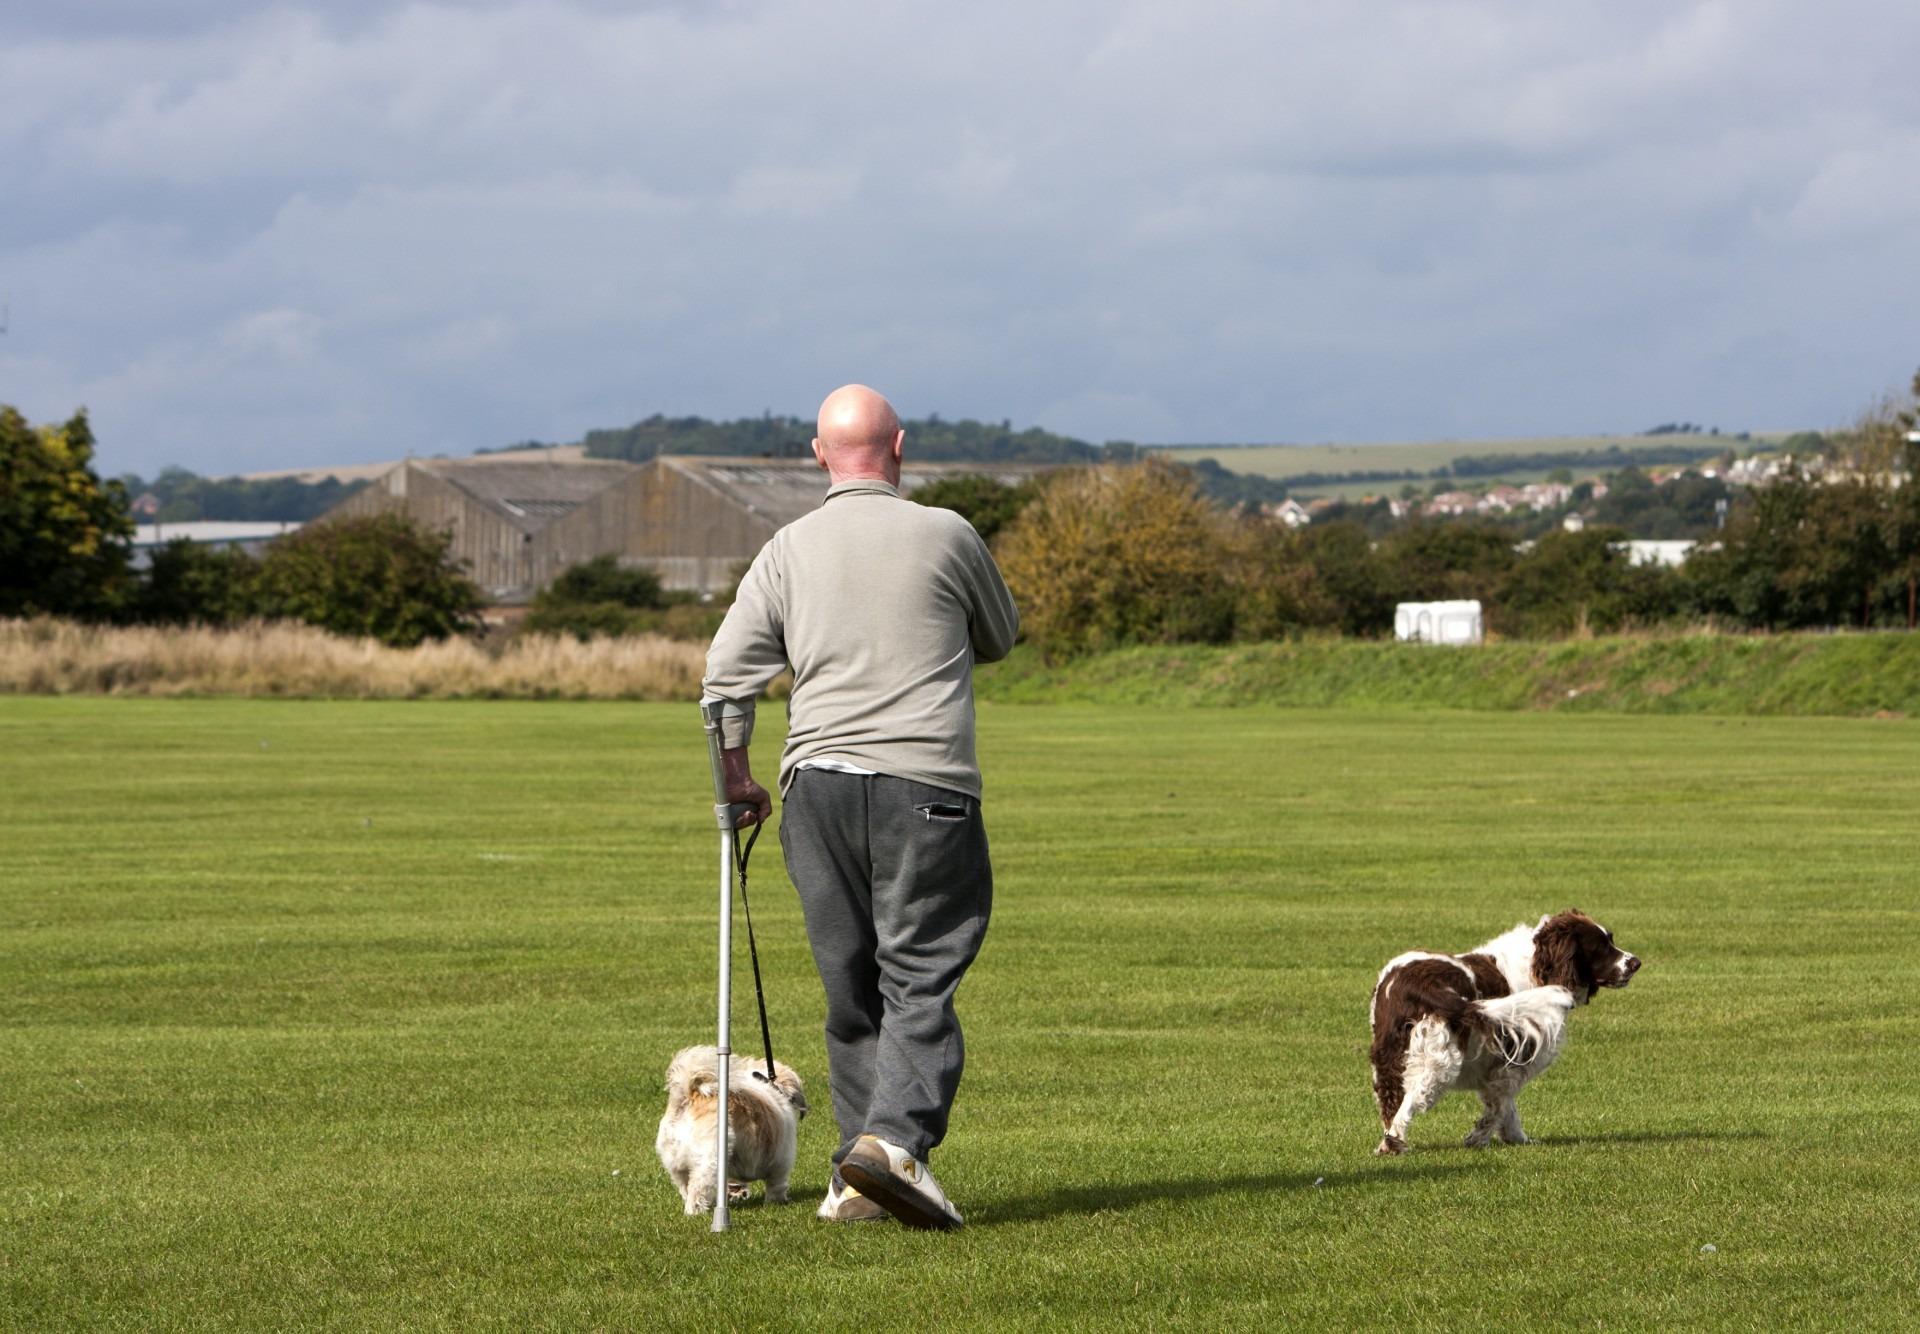 Gambar Manusia Alam Rumput Orang Pedesaan Membelai Hijau Tongkat Walker Berjalan Anjing Hewan Olahraga Spaniel